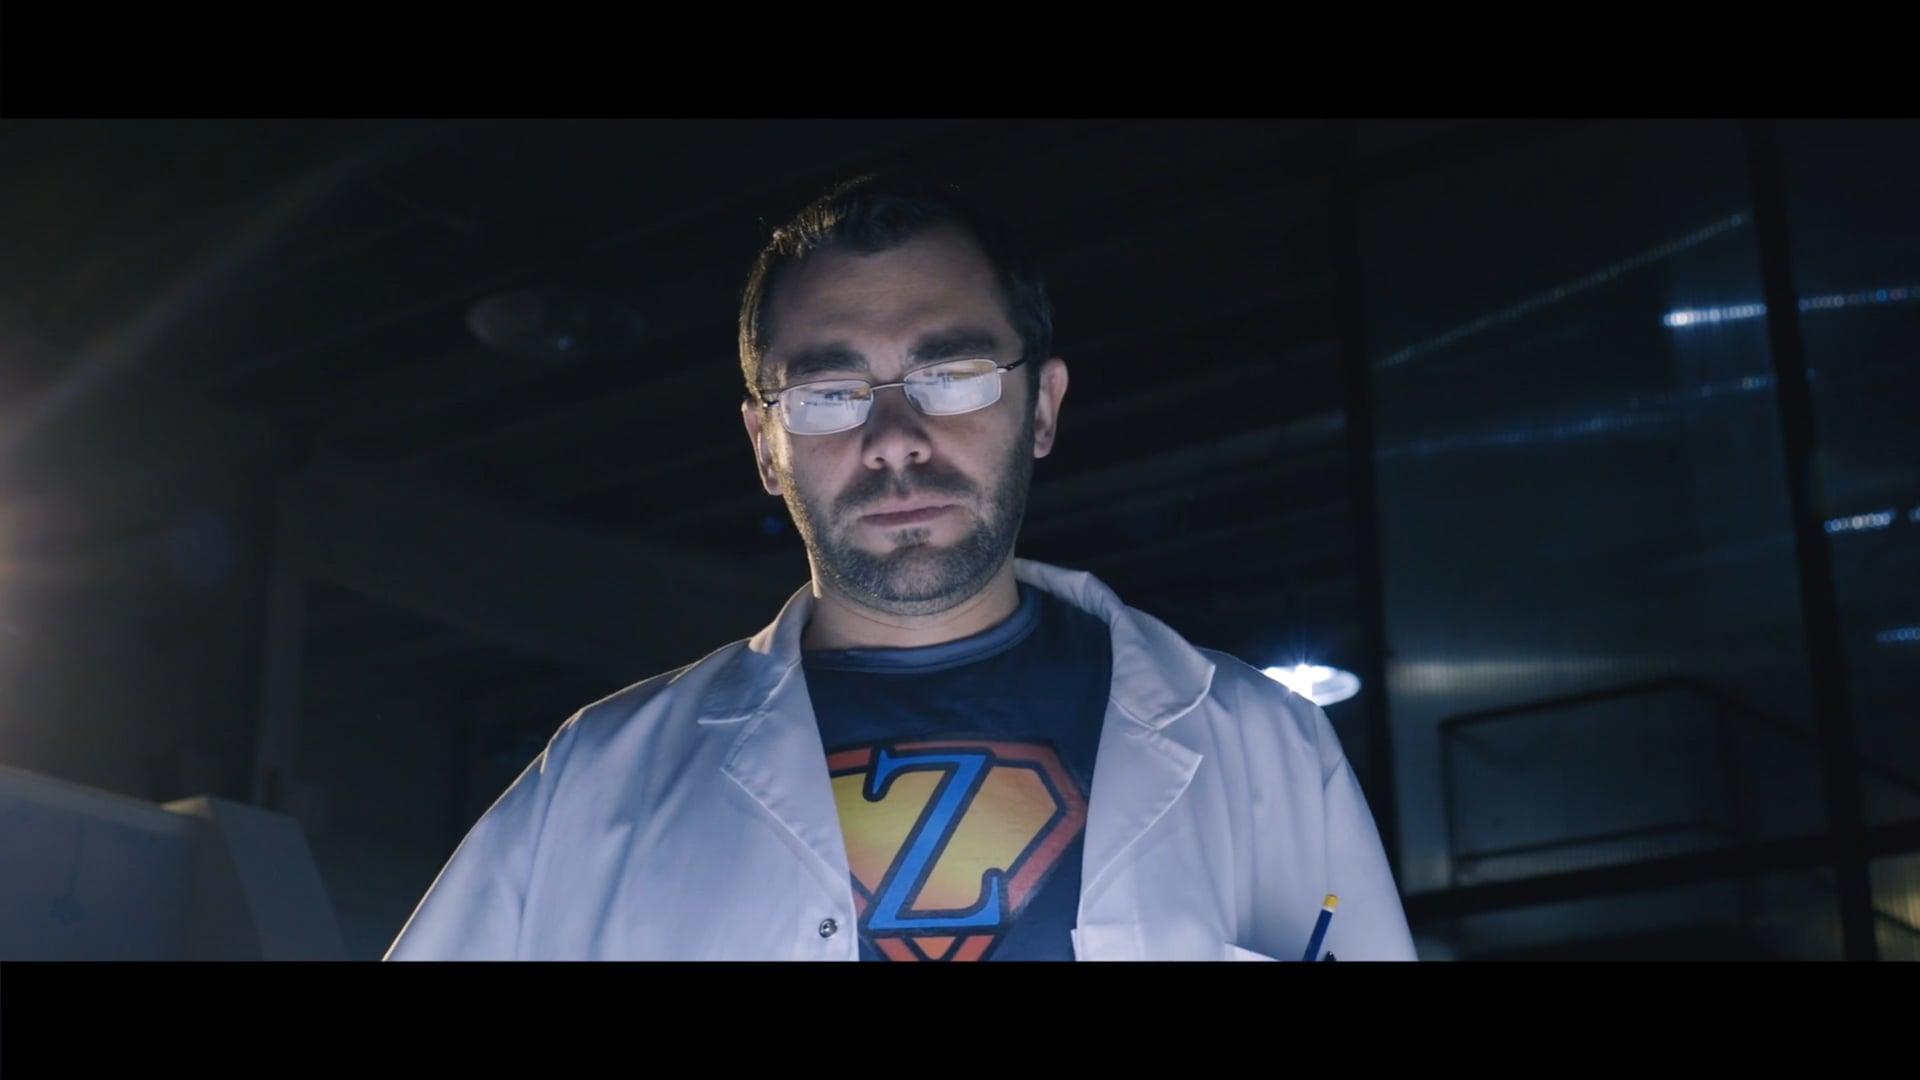 Dr Zero